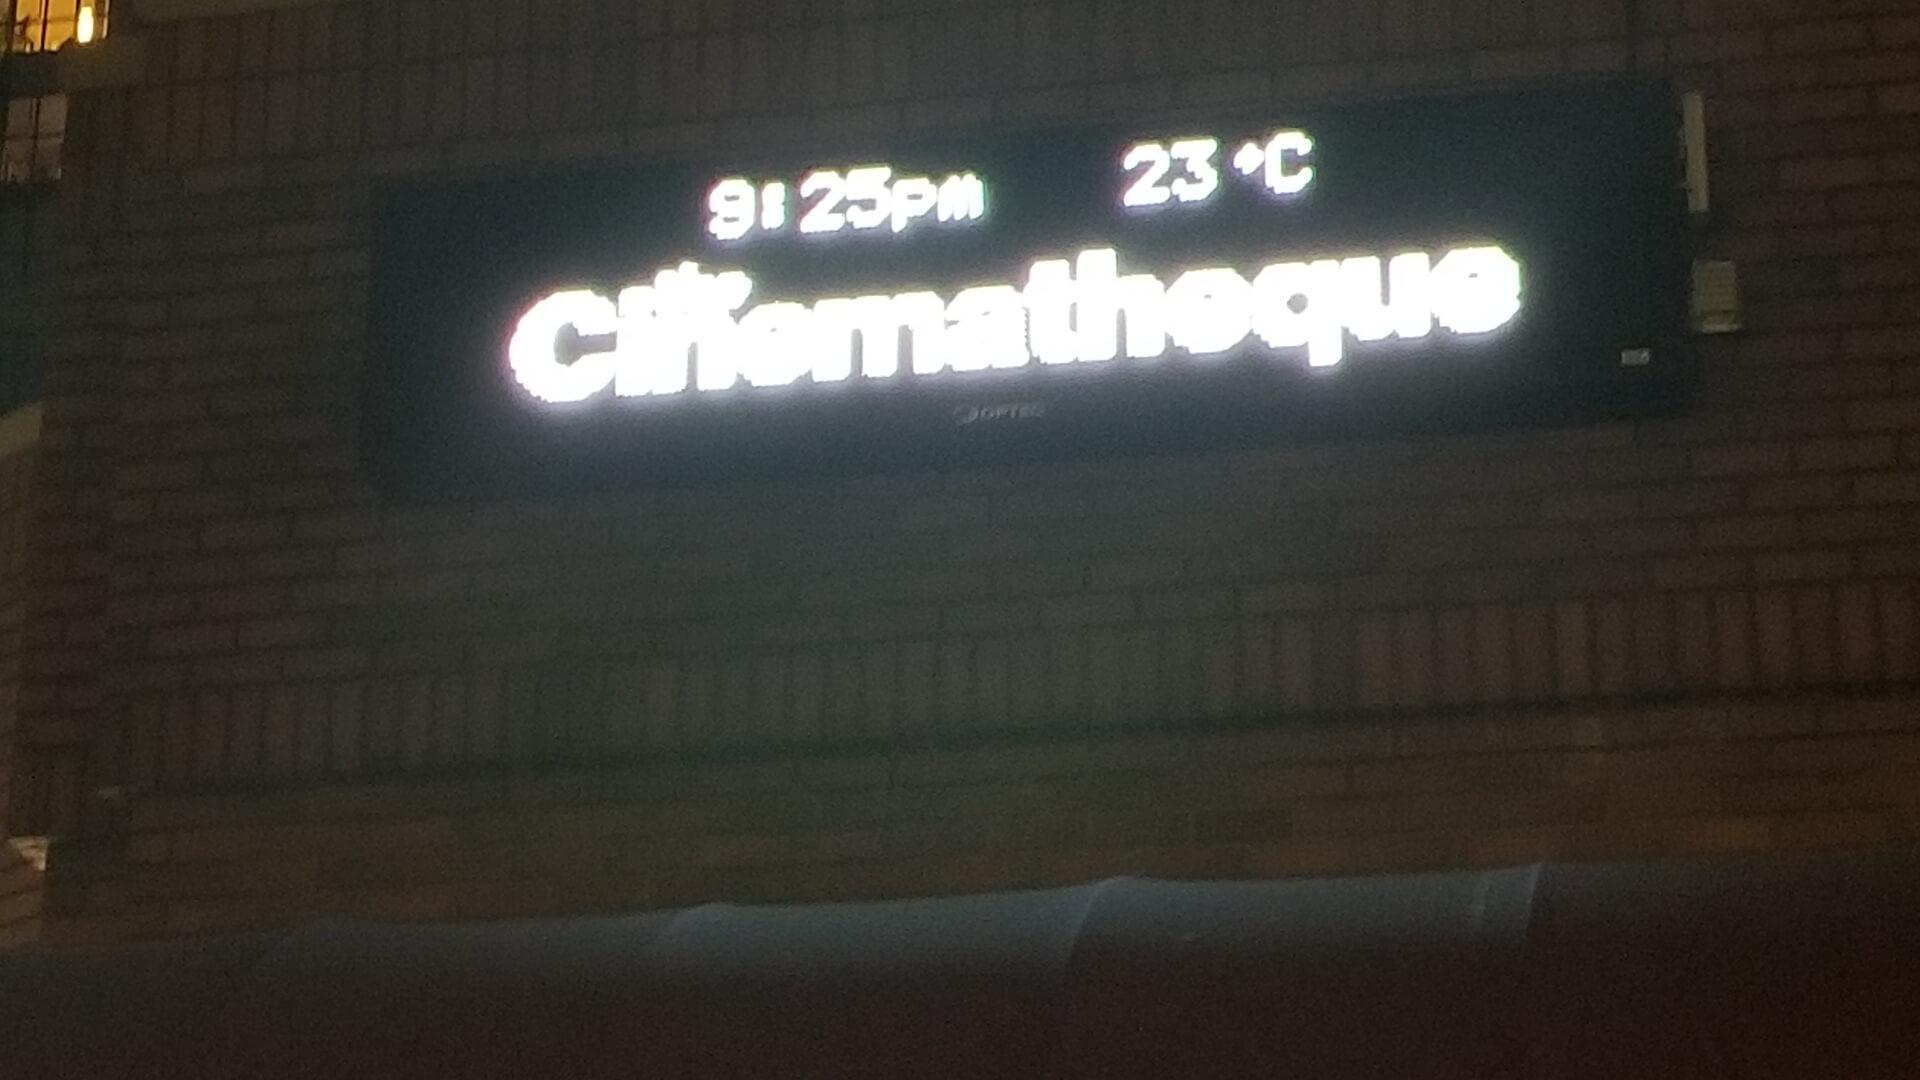 Cinematheque notice board